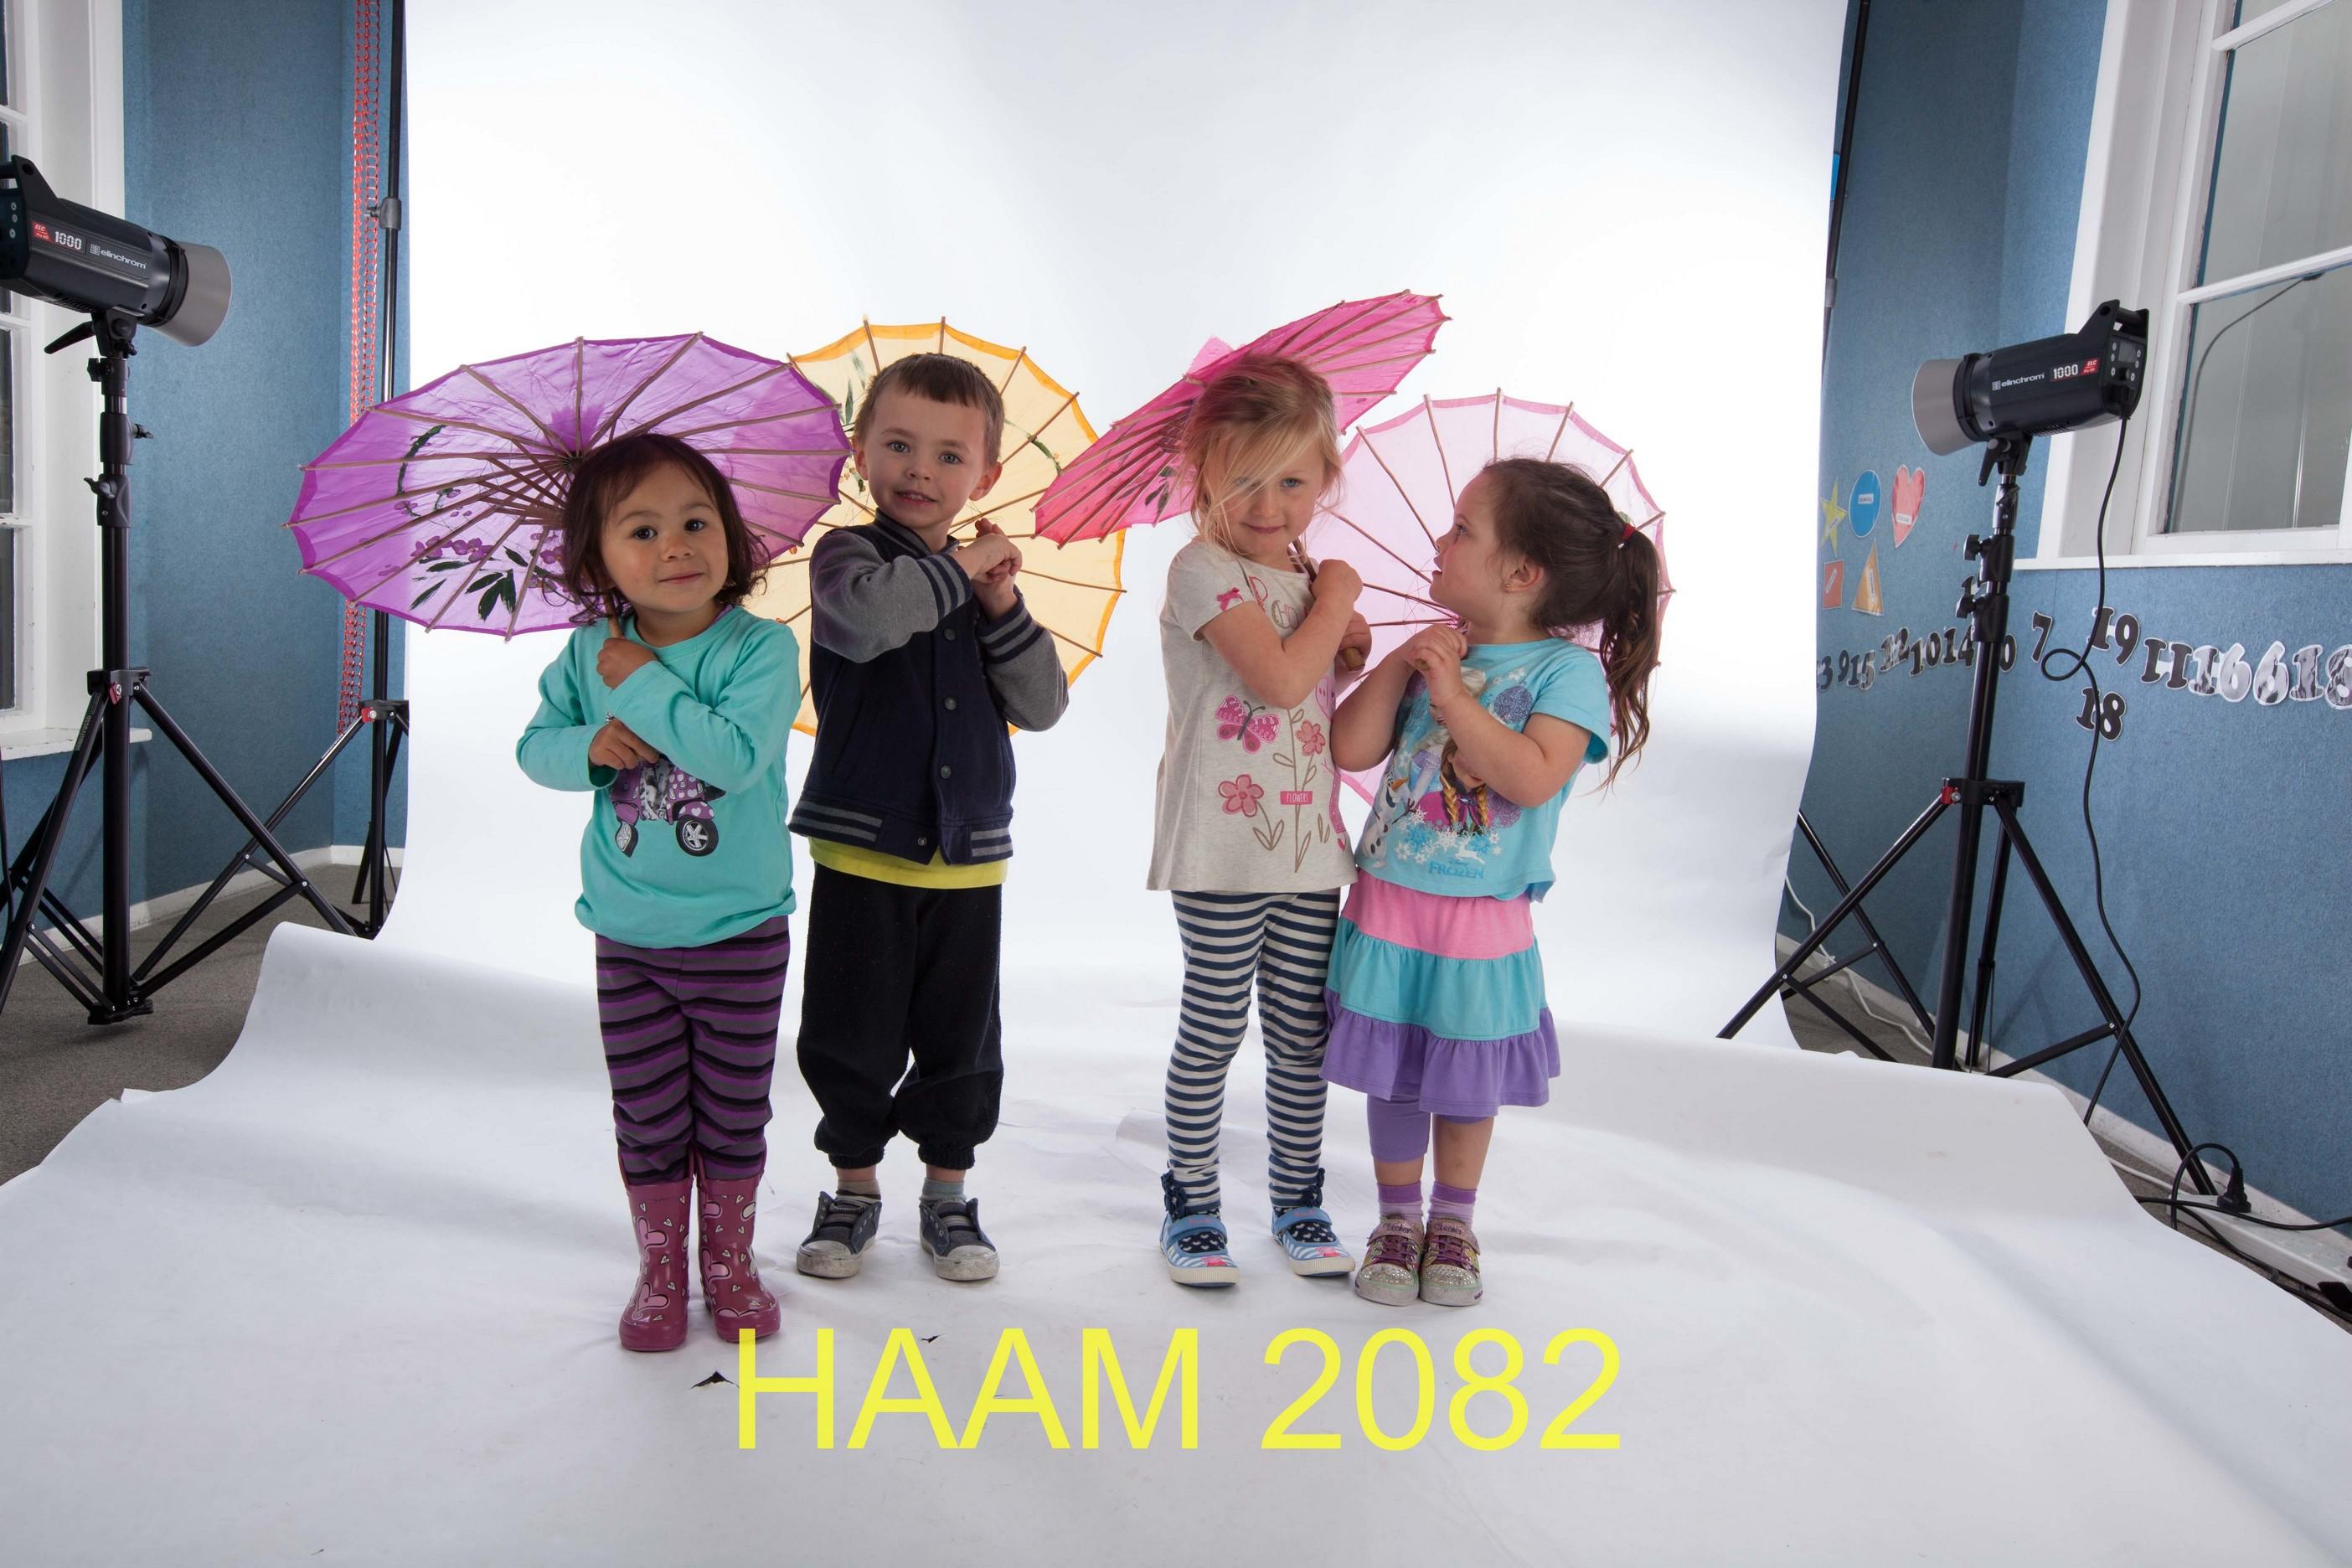 HAAM 2082